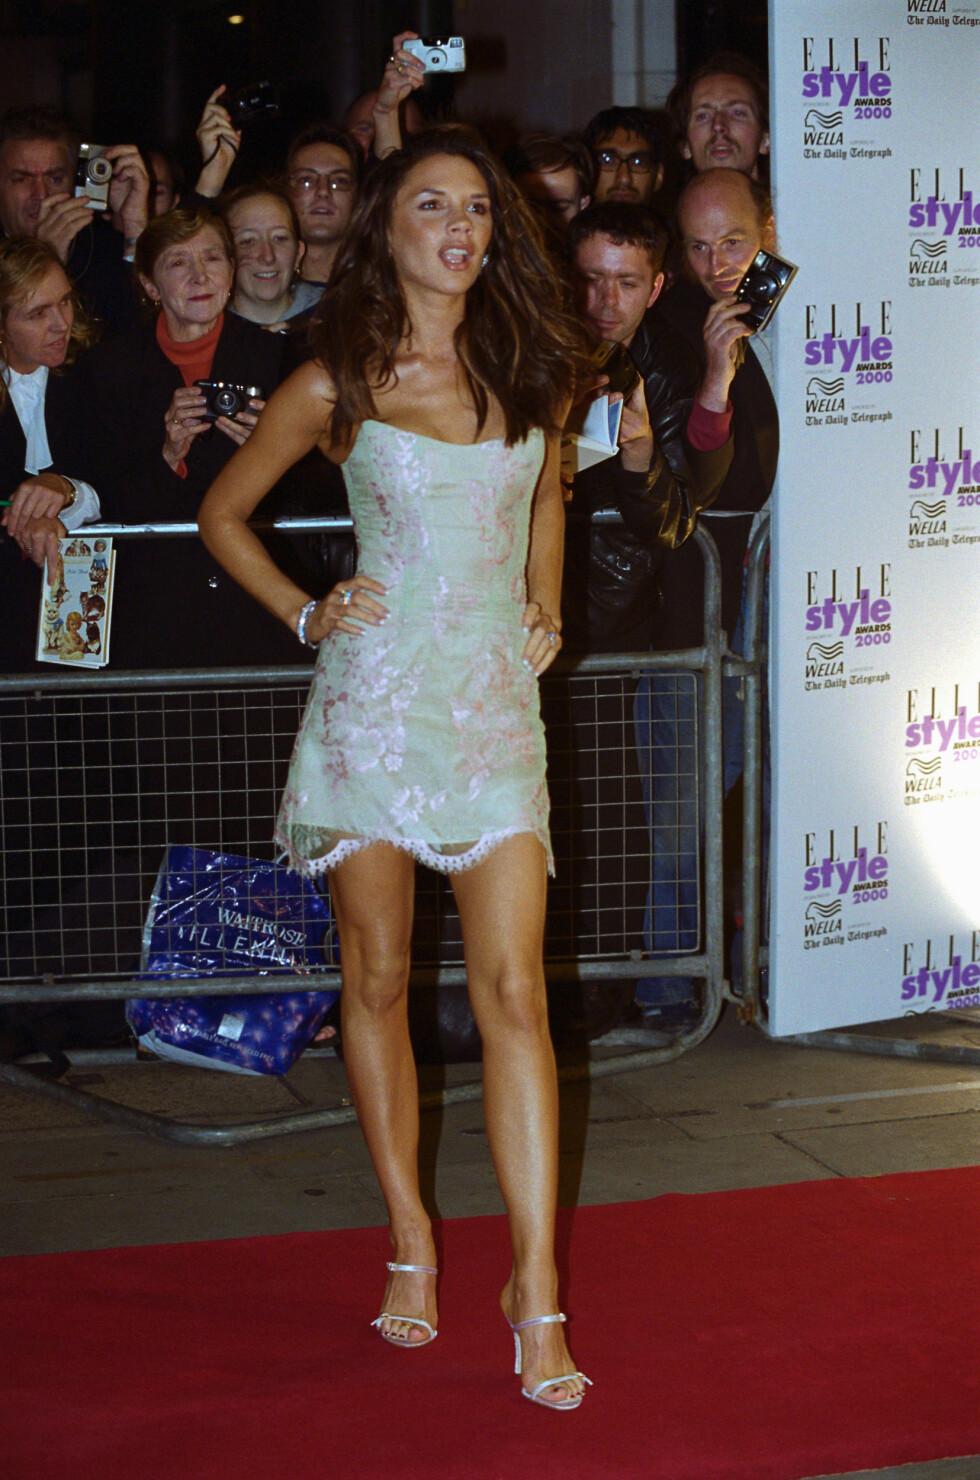 16 ÅR SIDEN: Victoria Beckham har alltid vært opptatt av mote og stil. Her er hun under Elle Style Awards i 2000.  Foto: © Rune Hellestad/CORBIS